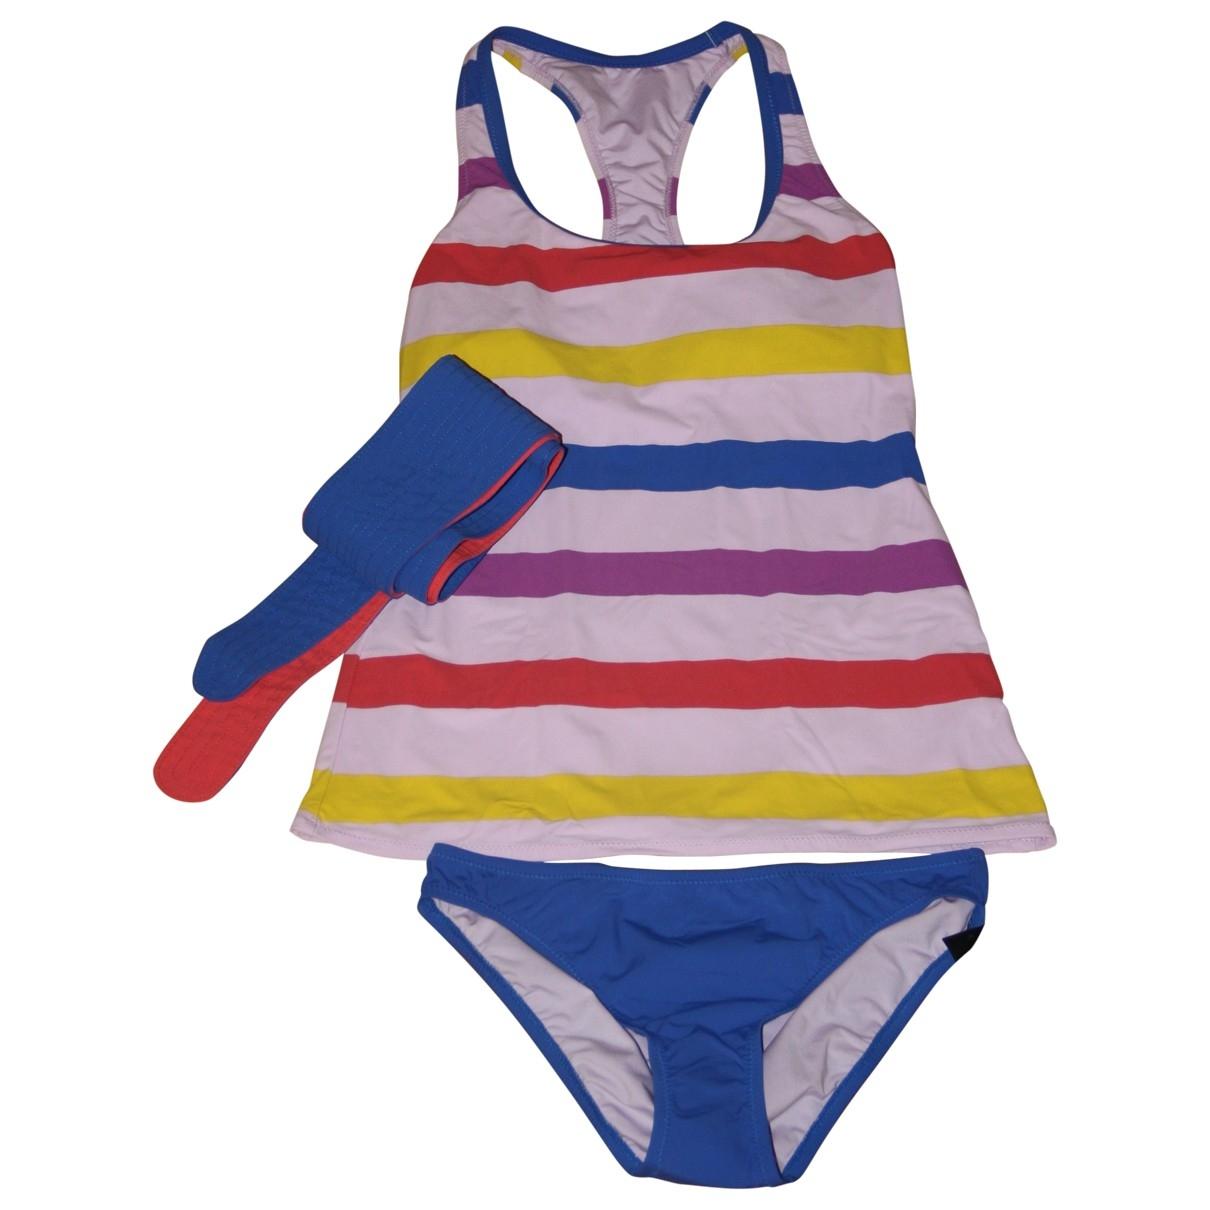 Marc By Marc Jacobs \N Multicolour Swimwear for Women S International